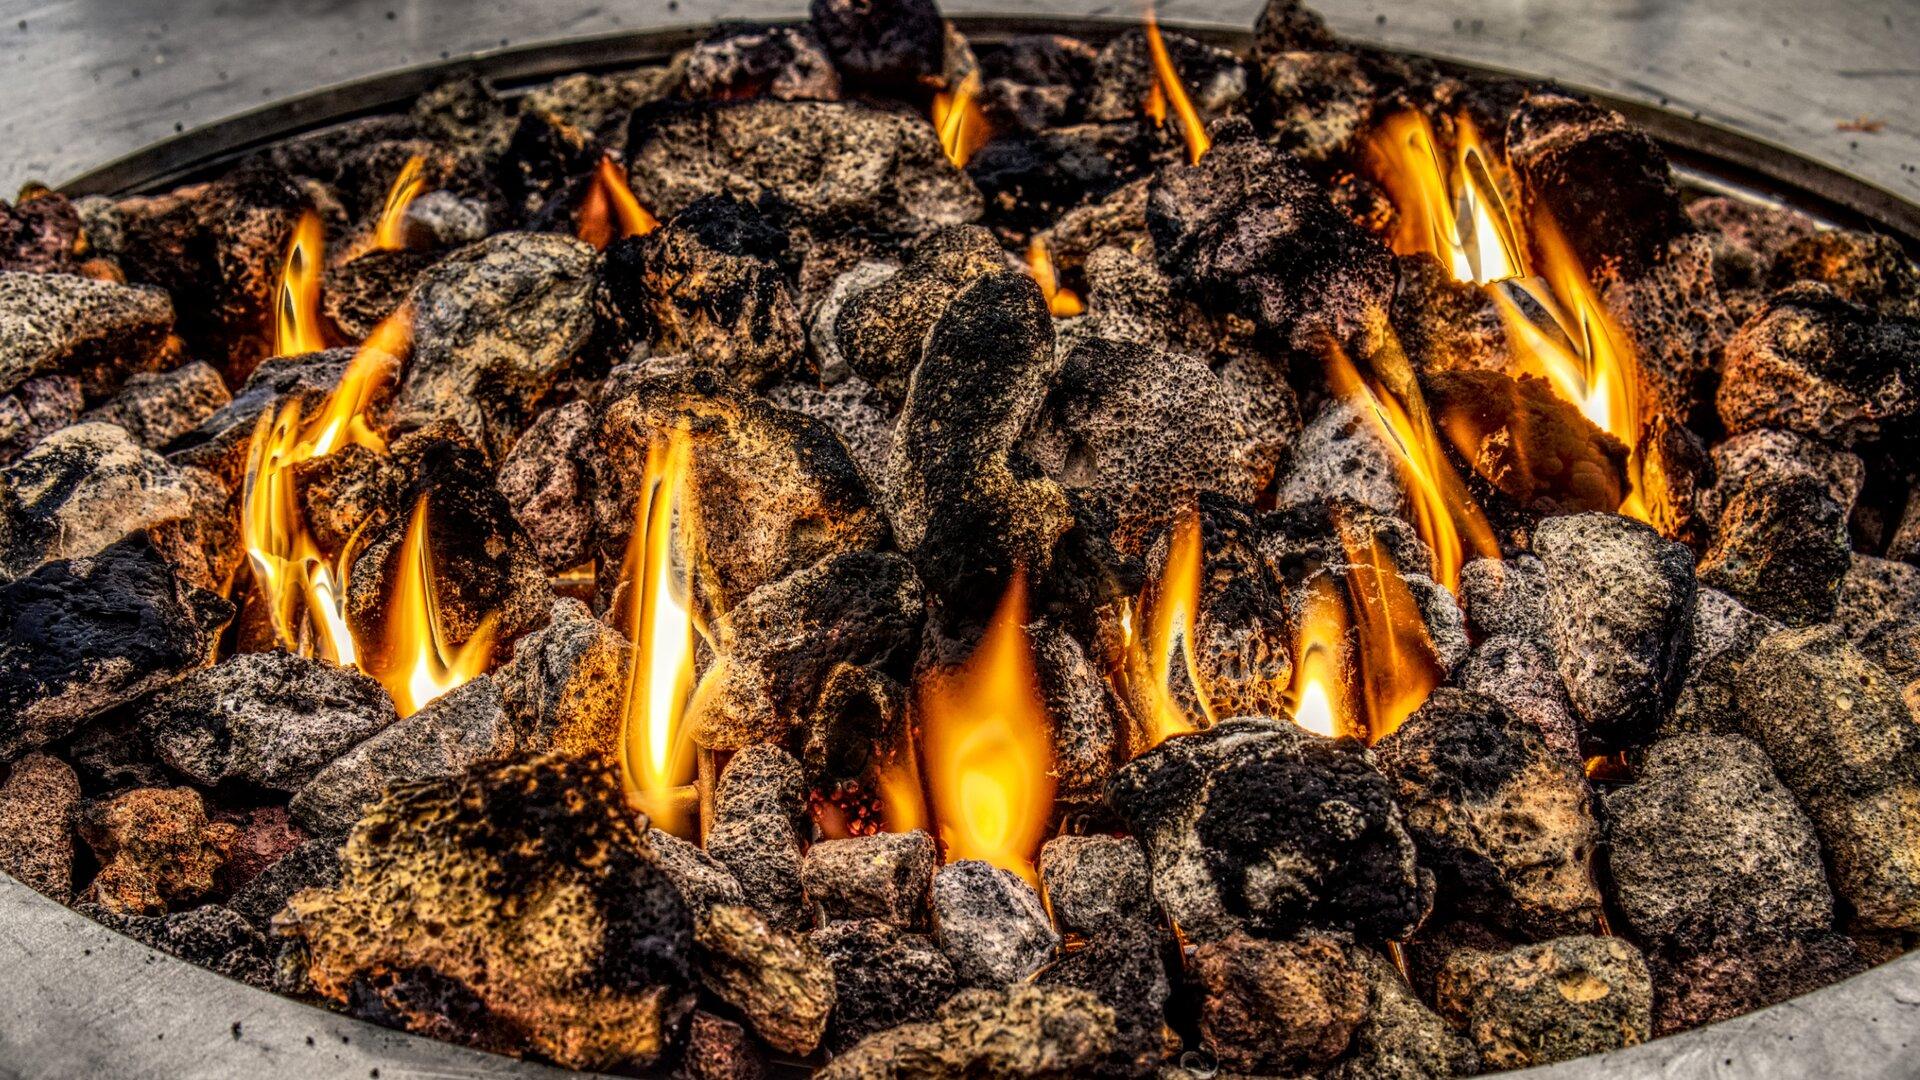 Ilustracja przedstawia spalanie węgla oraz towarzyszący temu płomień.